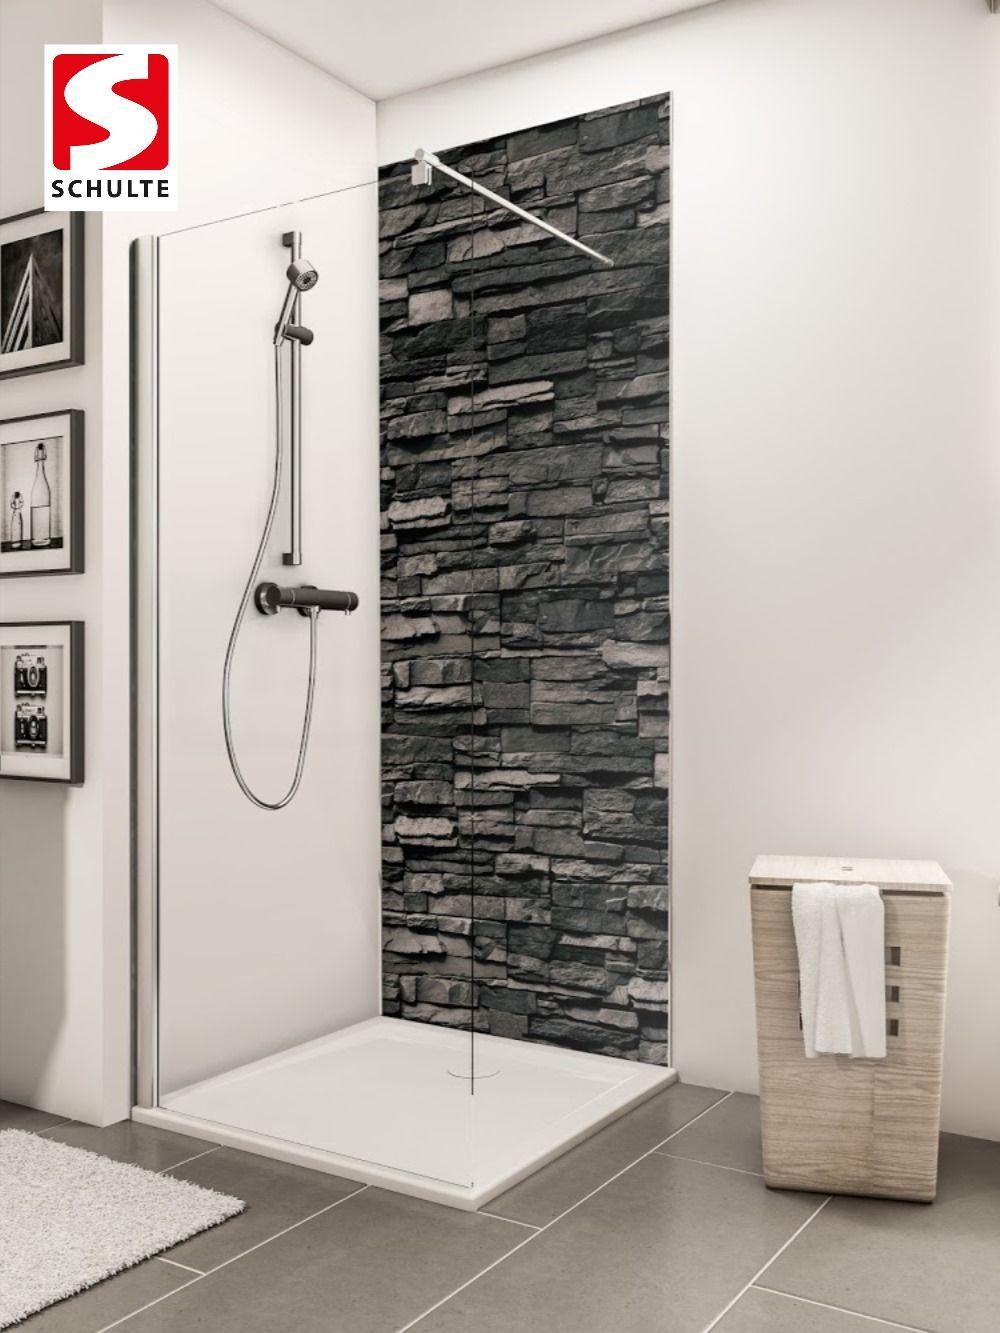 Schulte Duschruckwande Decodesign Dekor Stein Verblender Anthrazit Paneel Wandverkleidung In 2020 Duschruckwand Wandverkleidung Bad Dusche